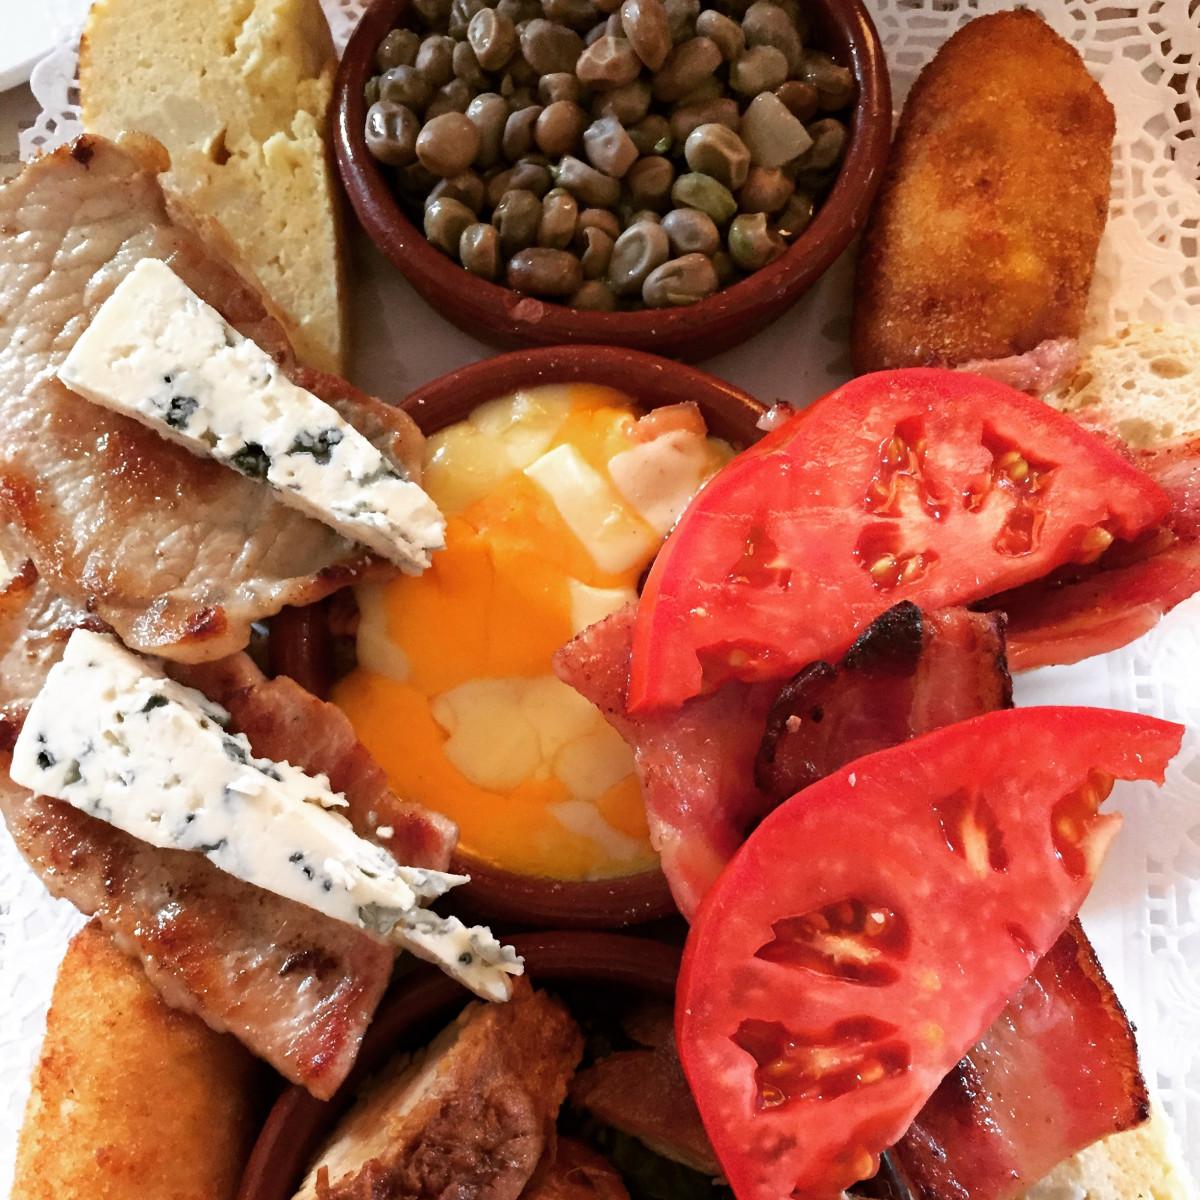 Испанский в картинках кухня, днем рождения картинки